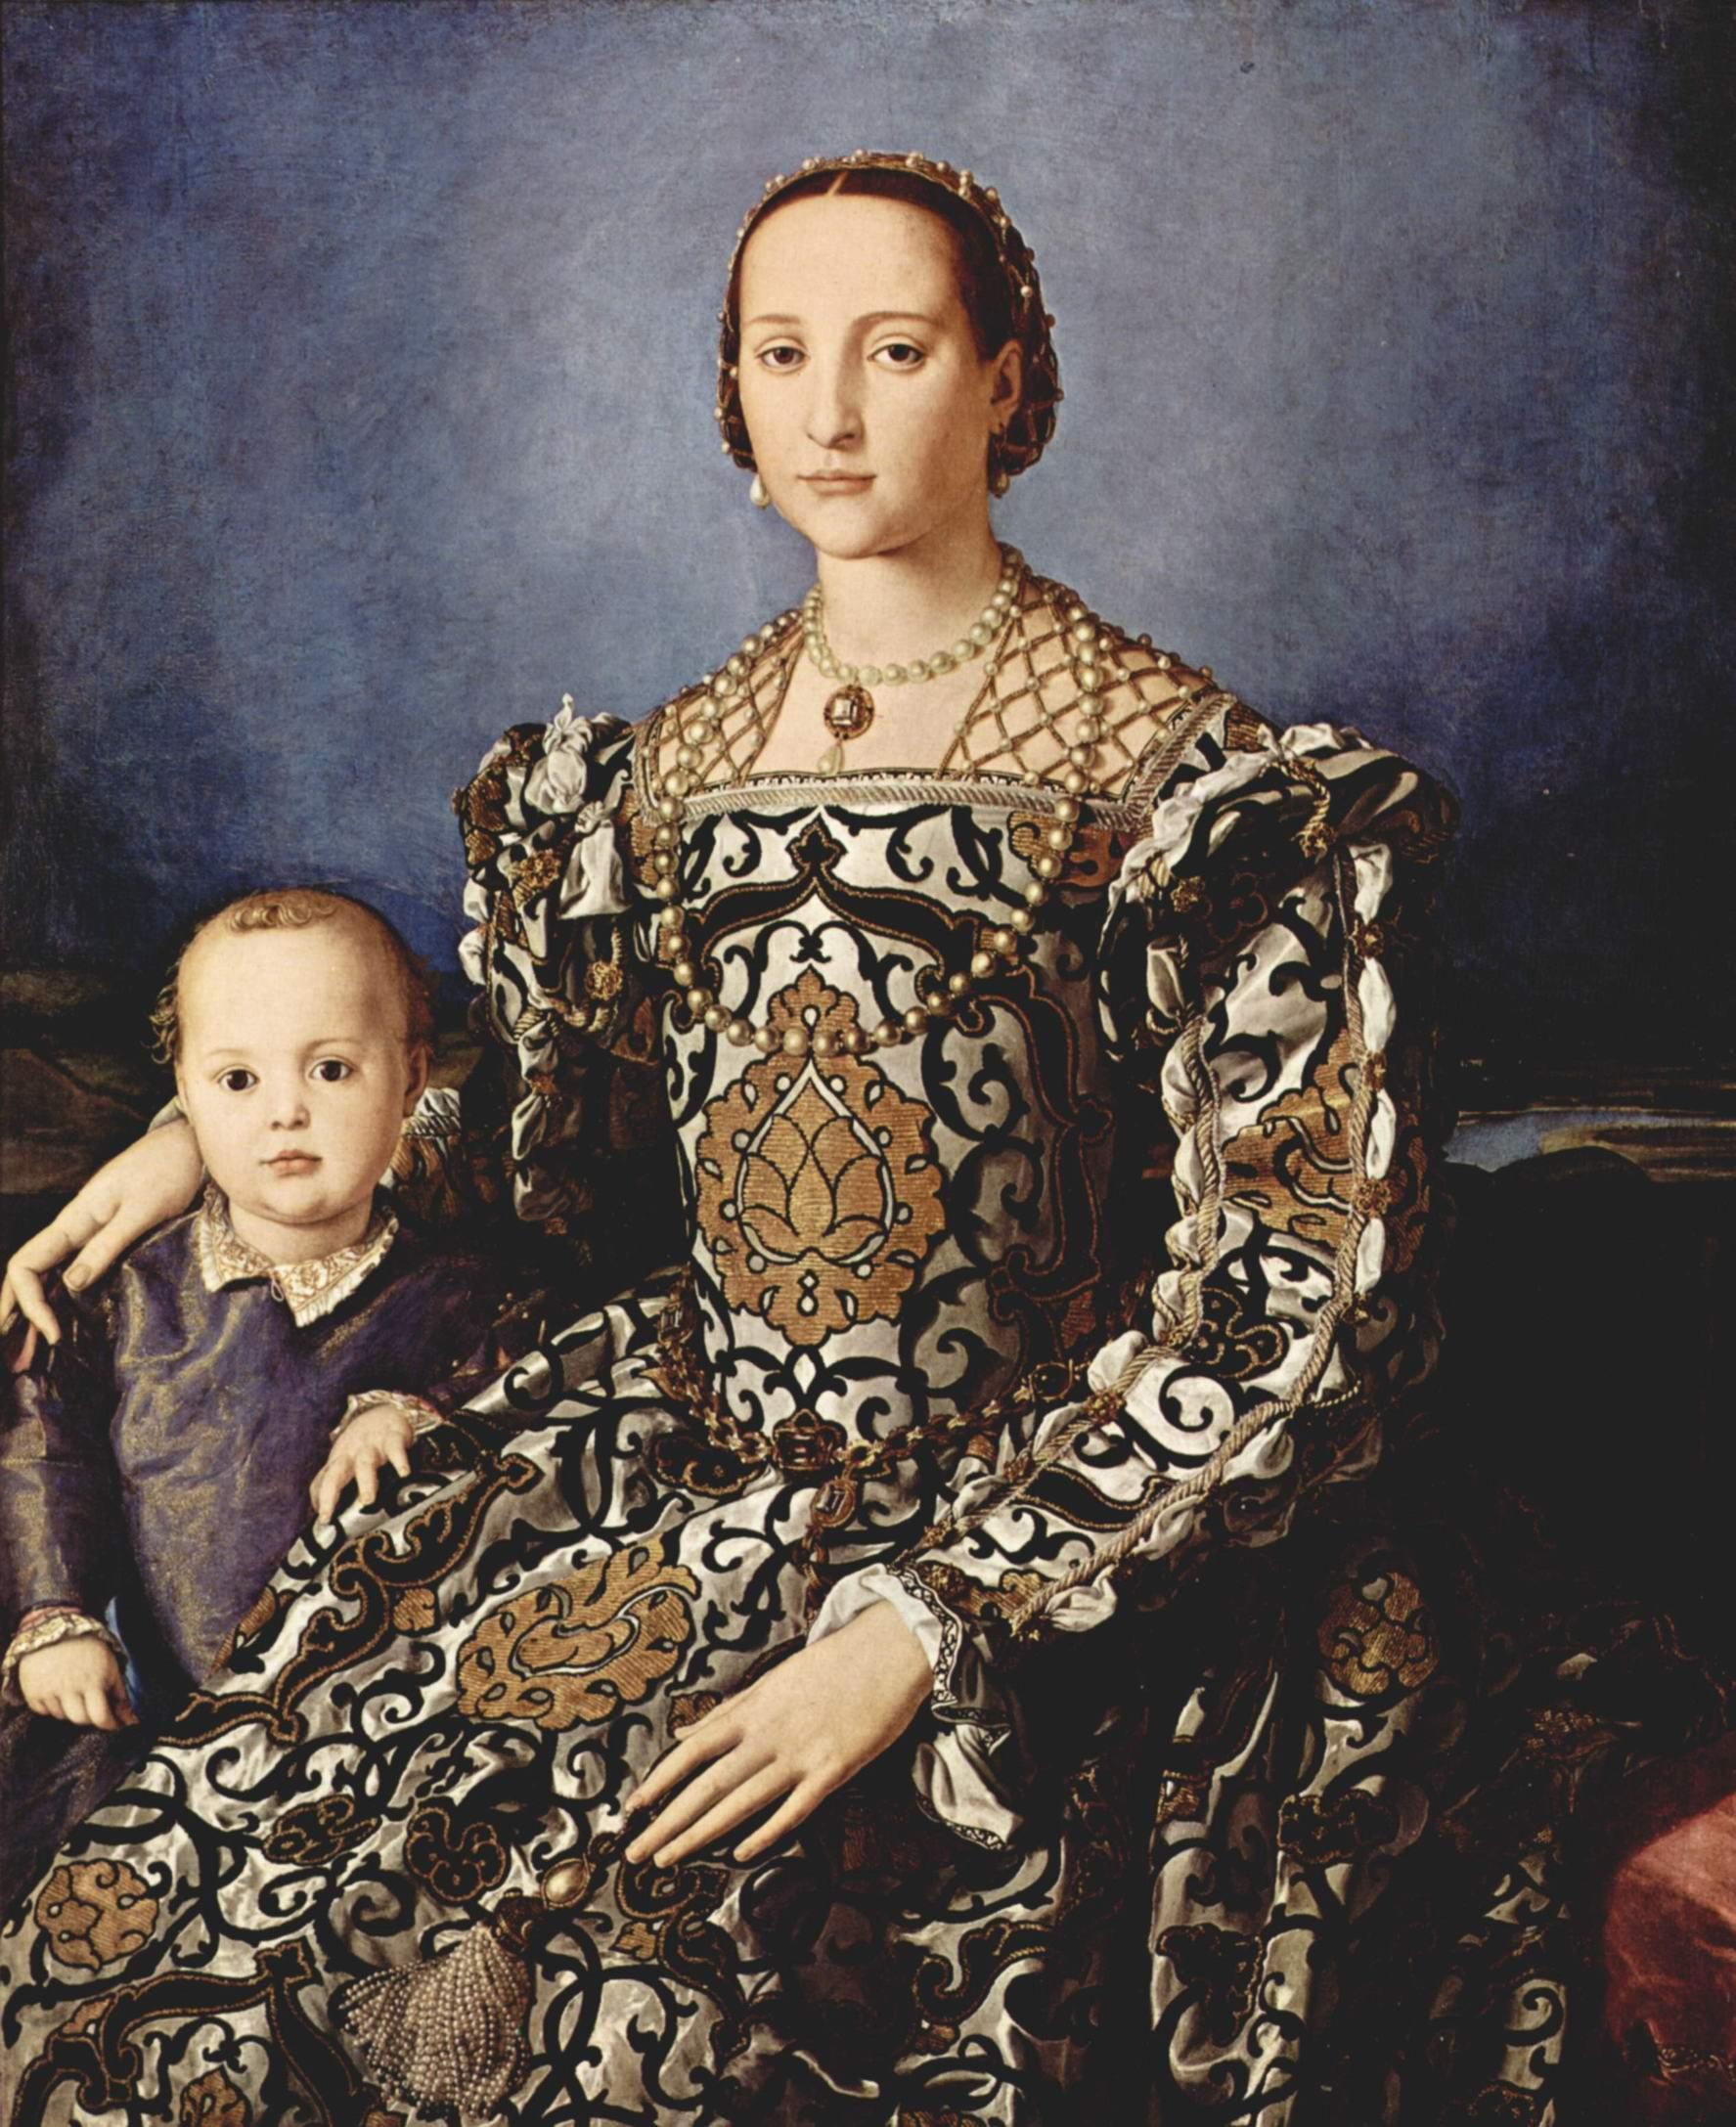 Портрет Элеоноры Толедской с сыном Джованни, Бронзино Аньоло